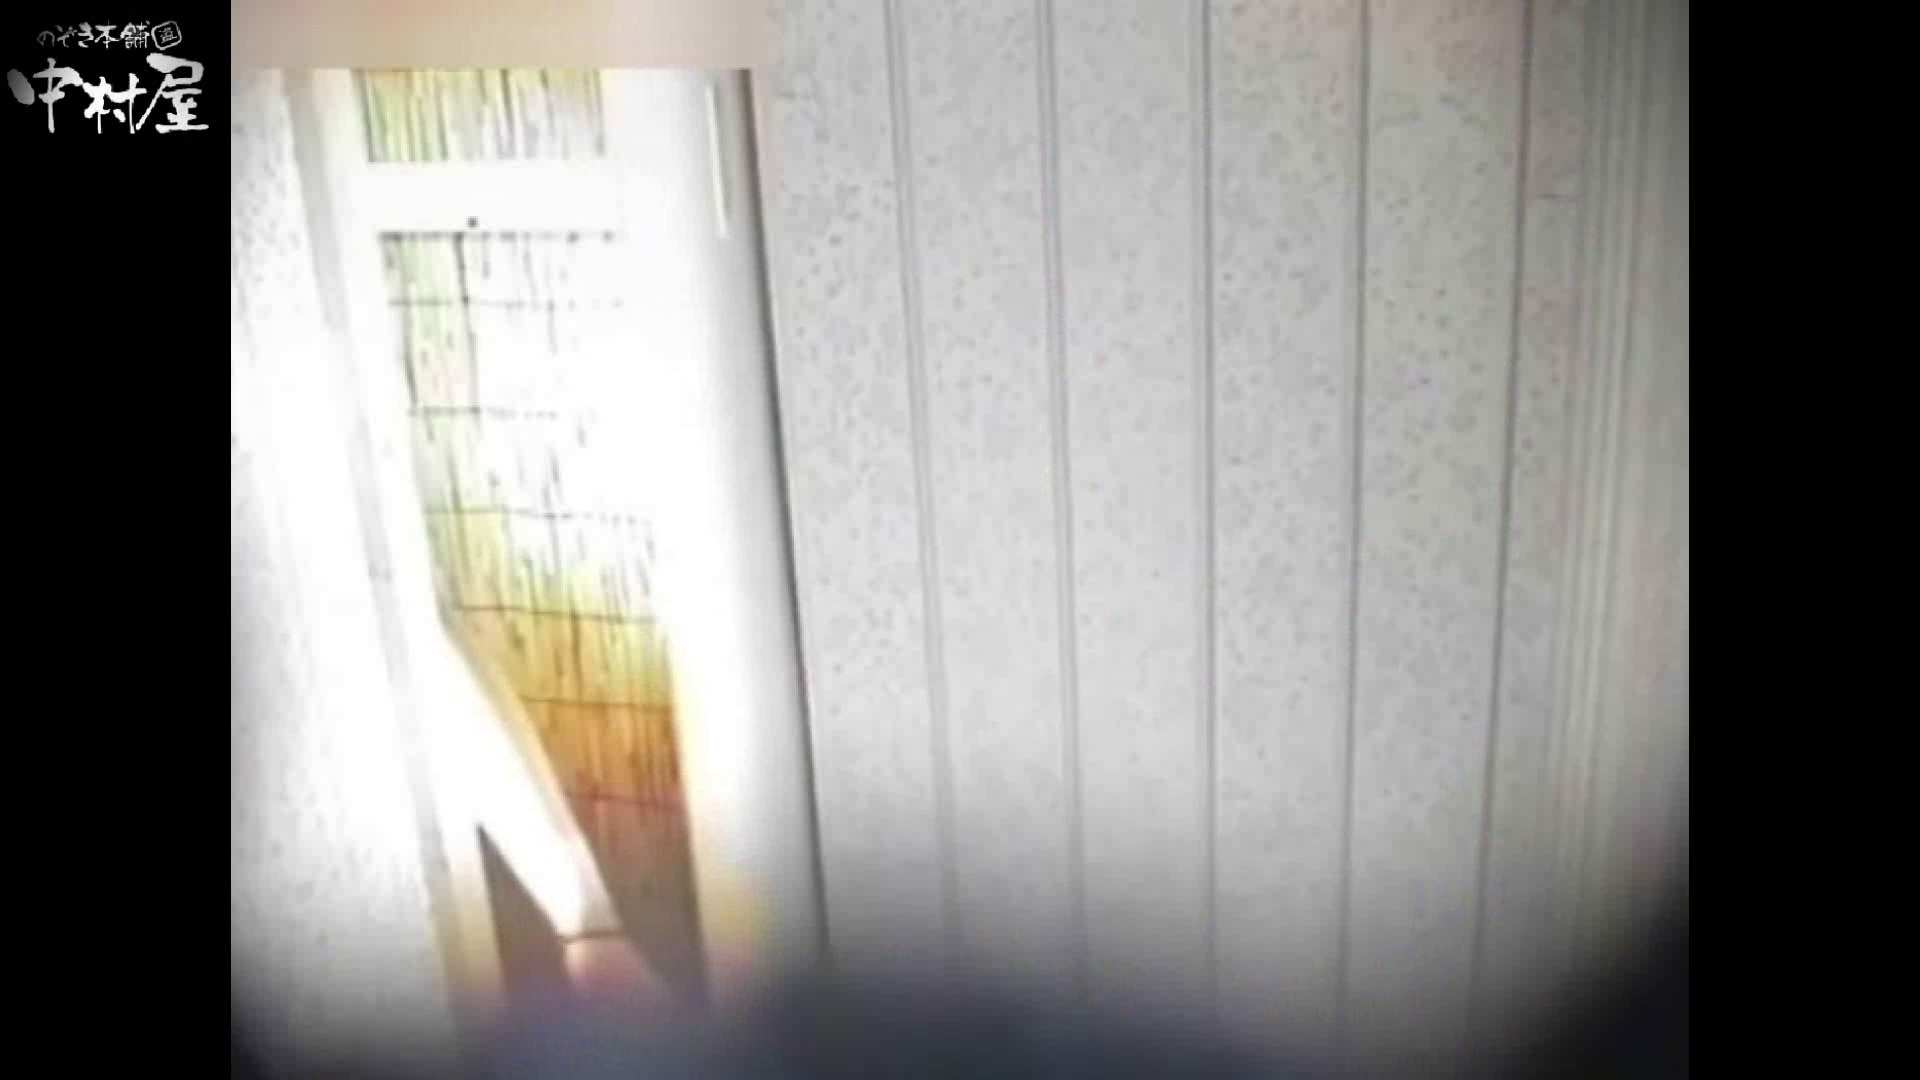 解禁!海の家4カメ洗面所vol.70 現役ギャル 覗きおまんこ画像 82pic 18